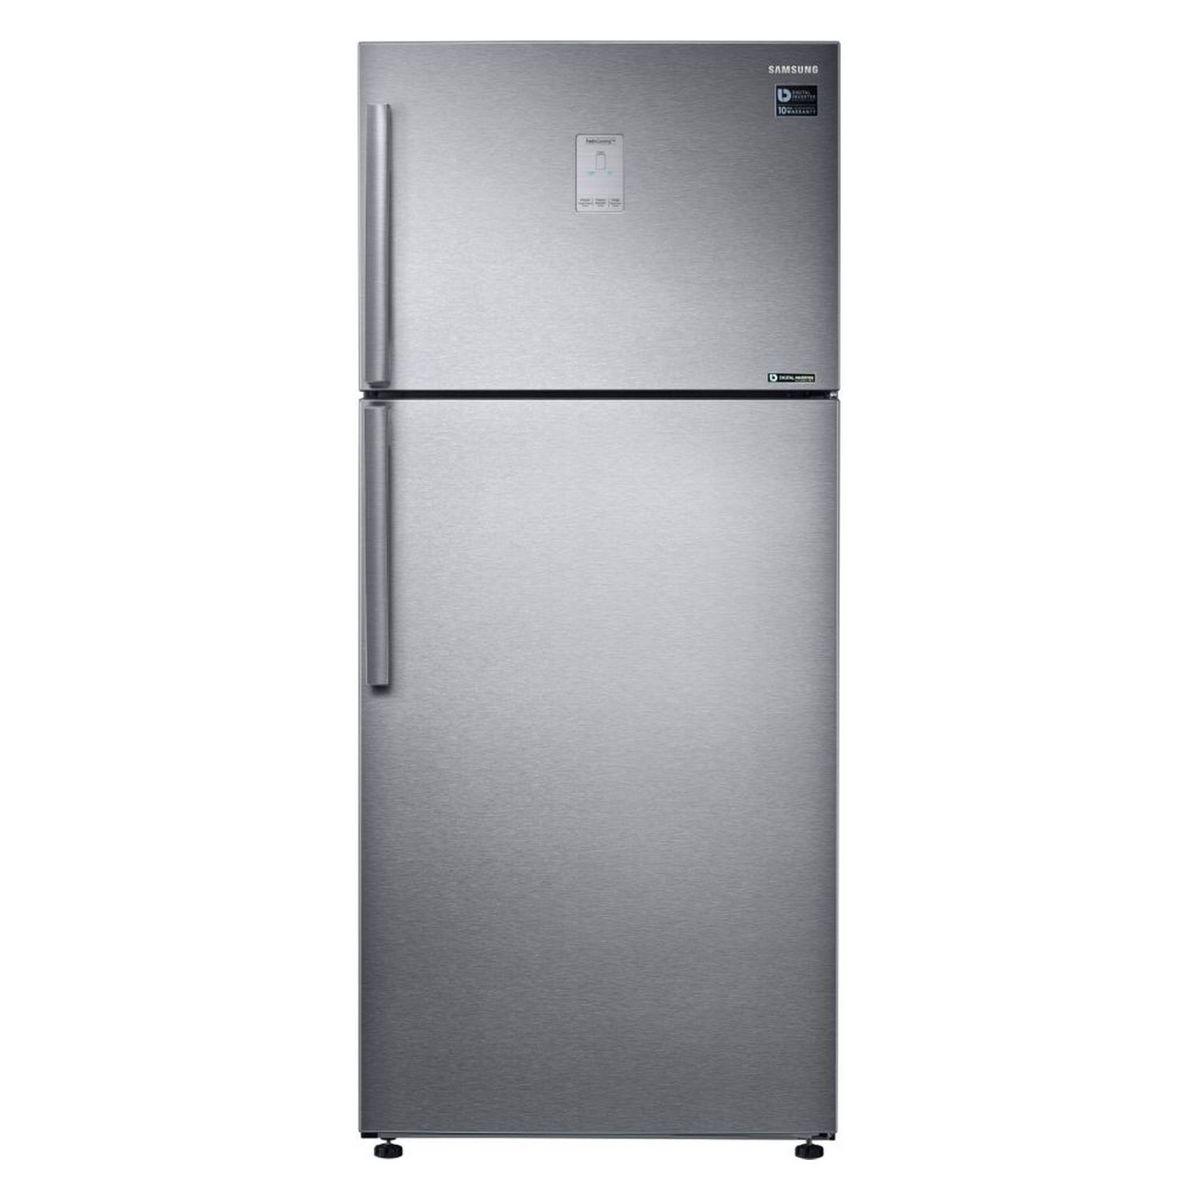 Réfrigérateur 2 portes RT53K6315SL, 528 L, Froid ventilé